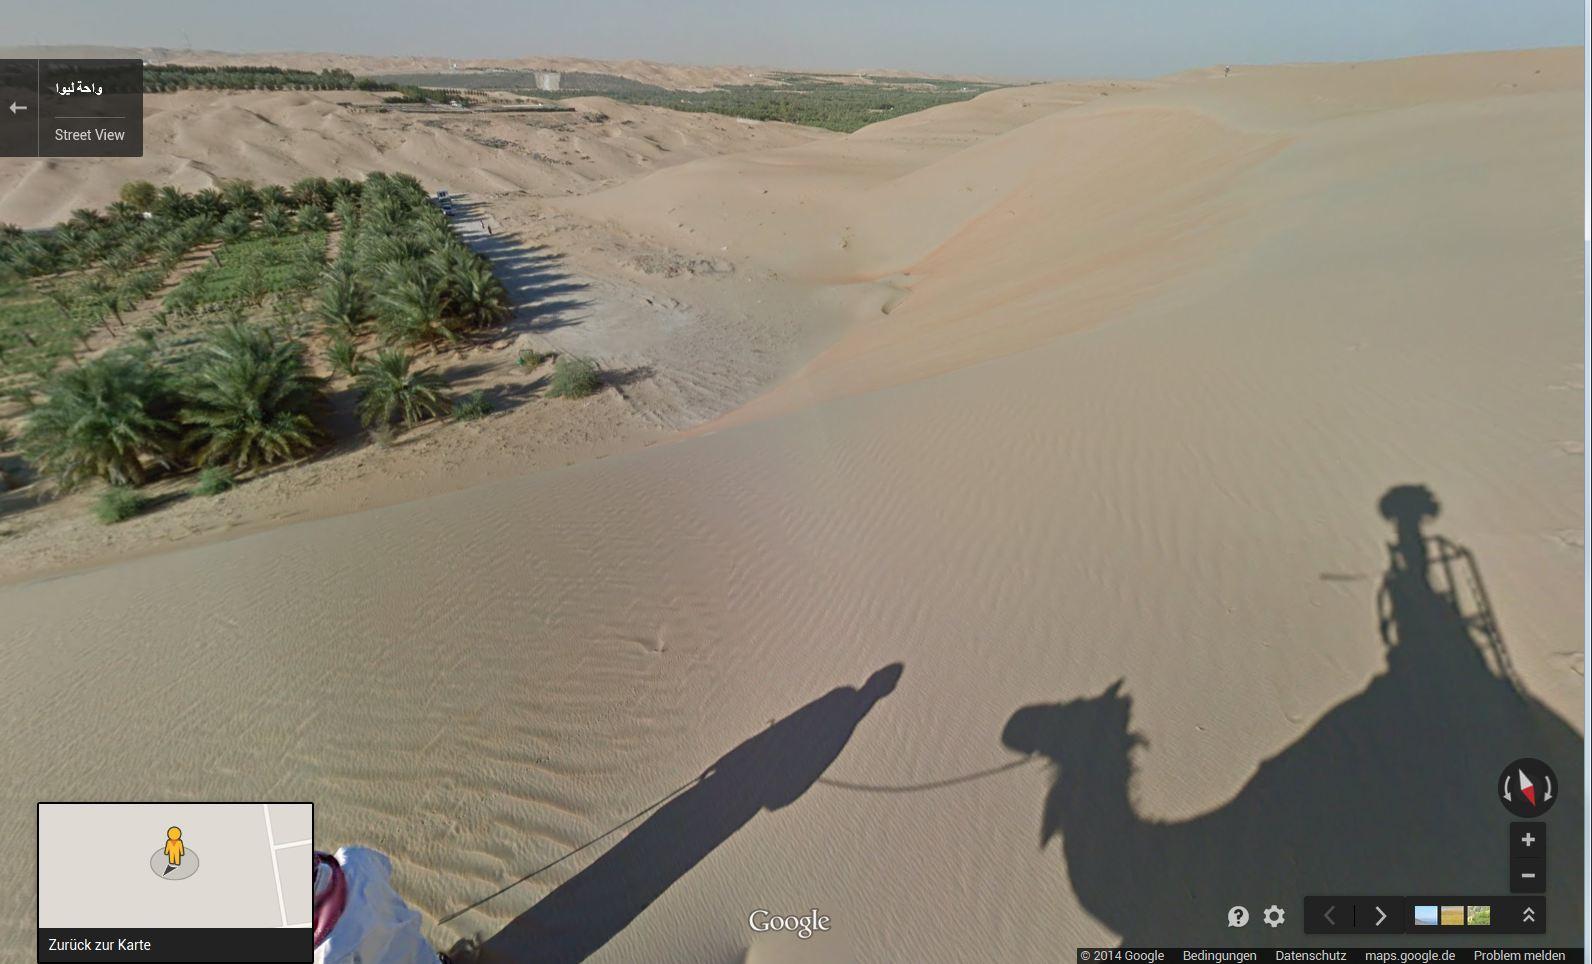 Erkunde die arabische Wüste auf dem Rücken eines Kamels – mit Google Street View